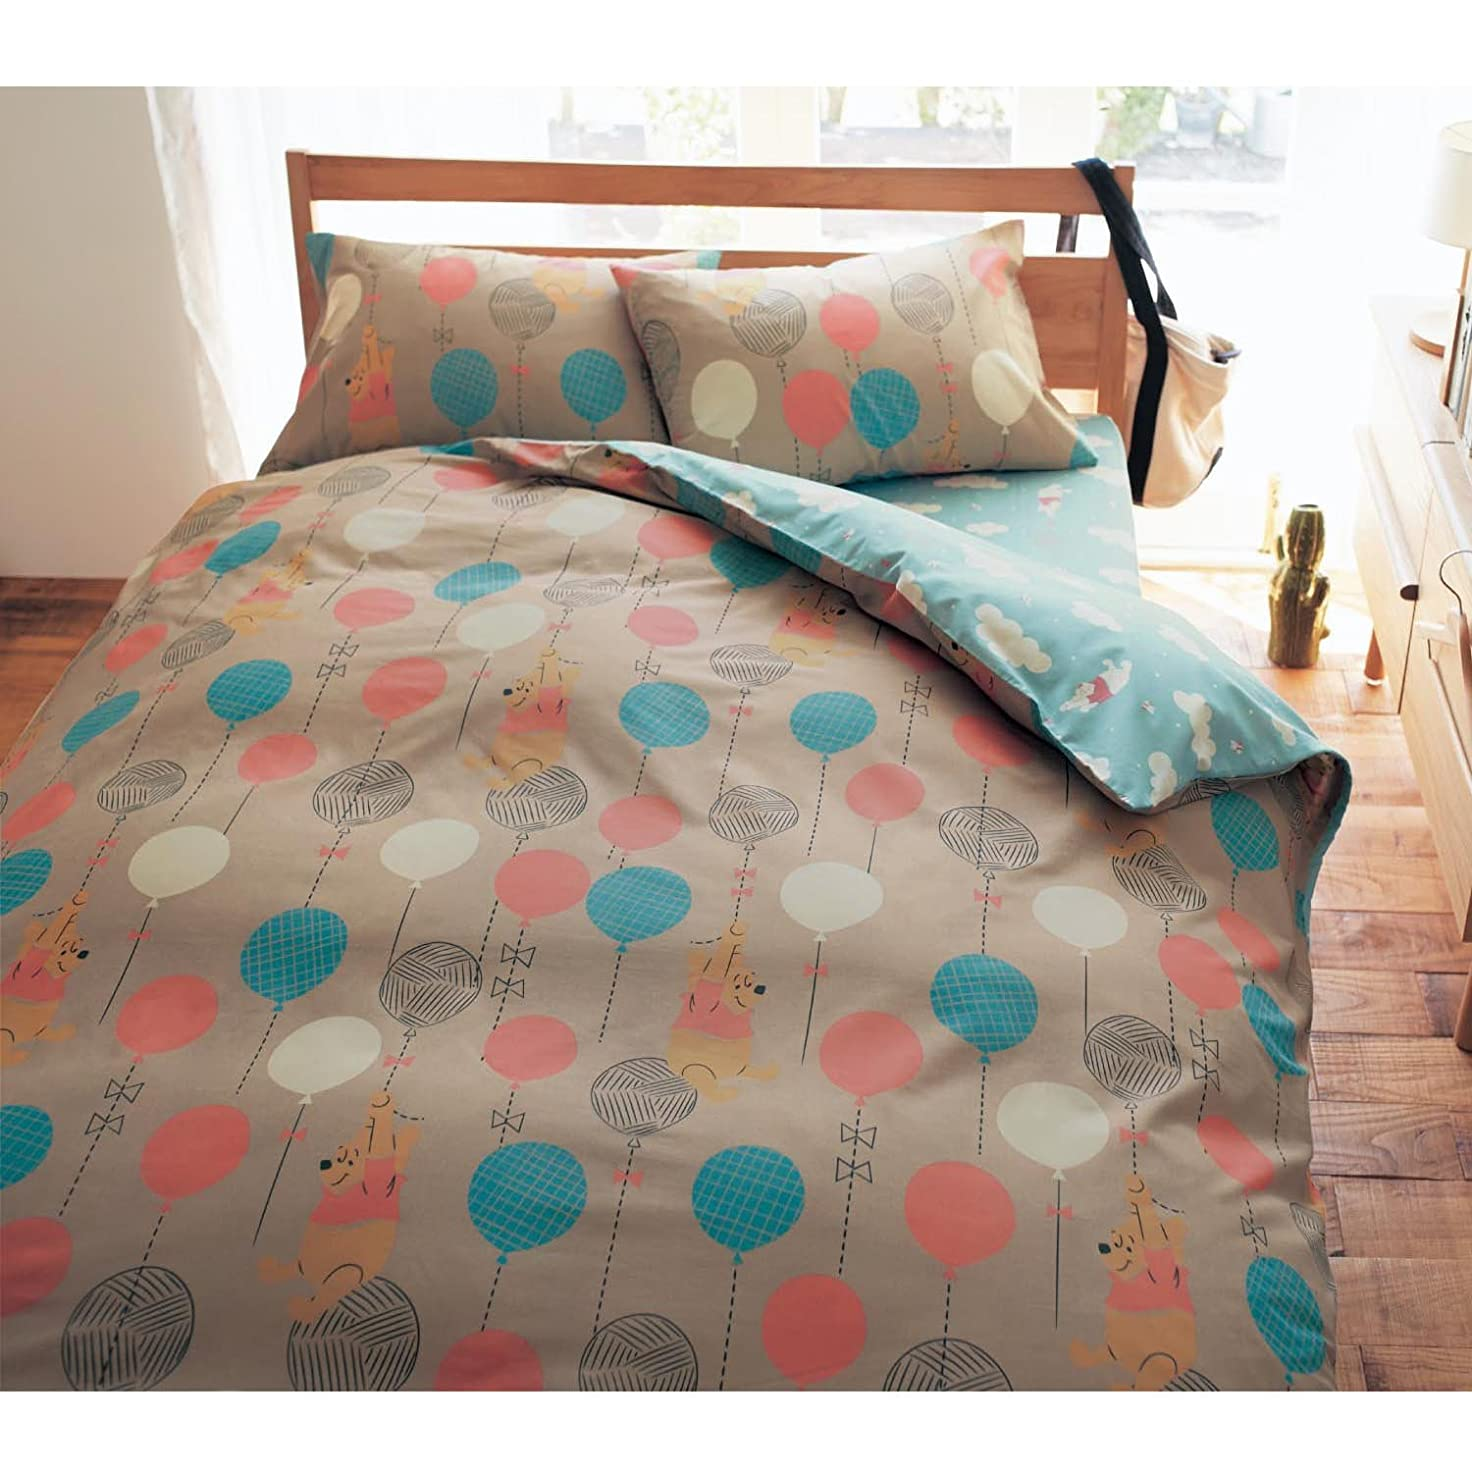 省恵み膨張する[ベルメゾン] ディズニー 寝具カバーセット 布団カバー 3点セット くまのプーさん 和式シングル